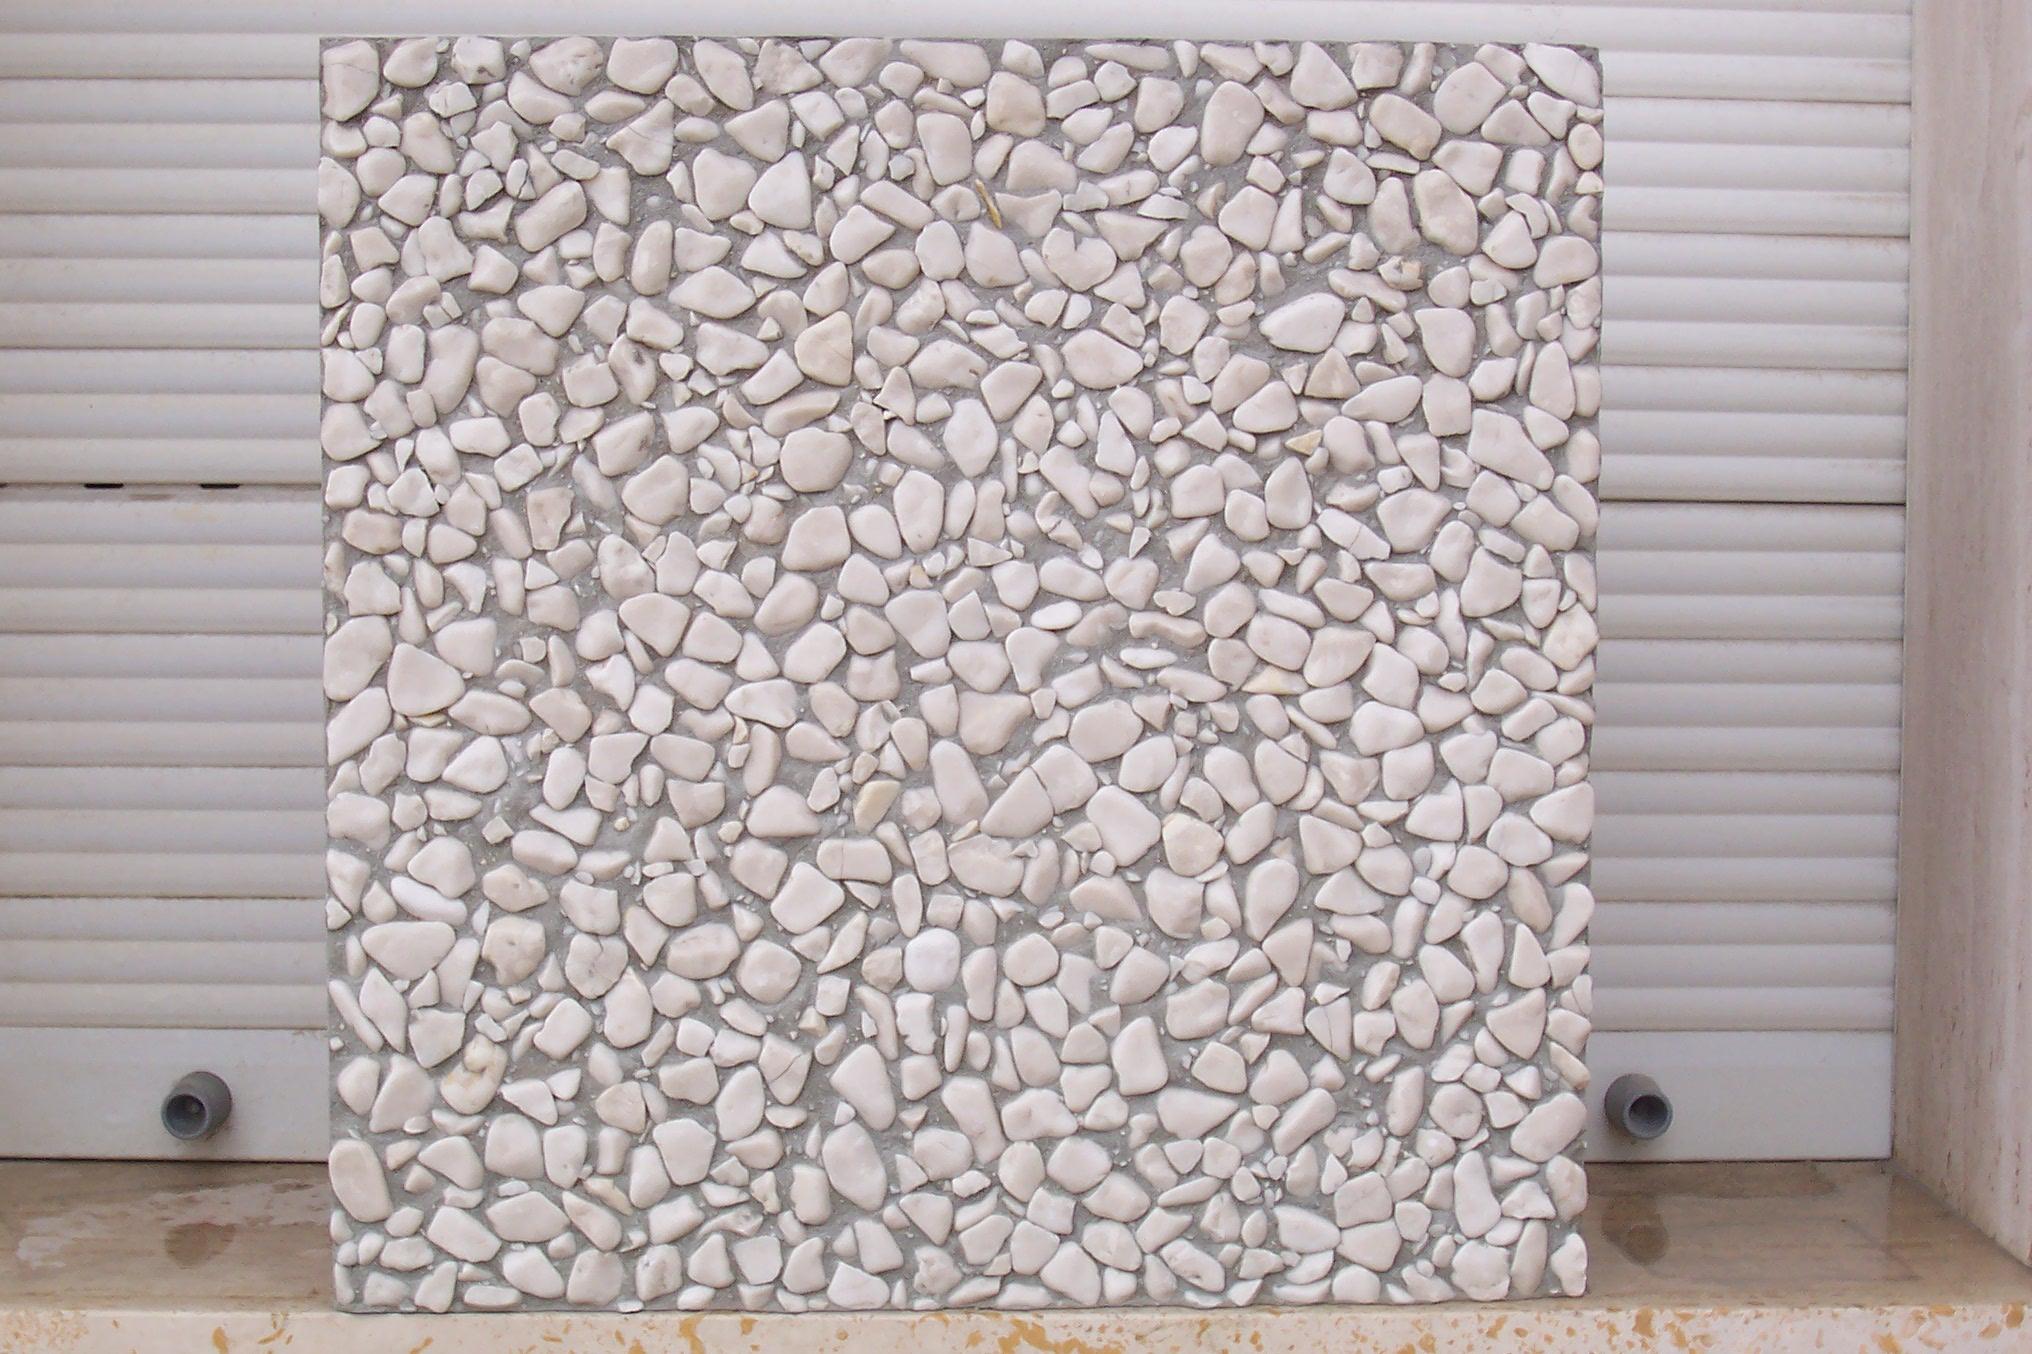 Piastrelle Da Giardino 40x40 Come posare le piastrelle da giardino su sabbia guida passo passo